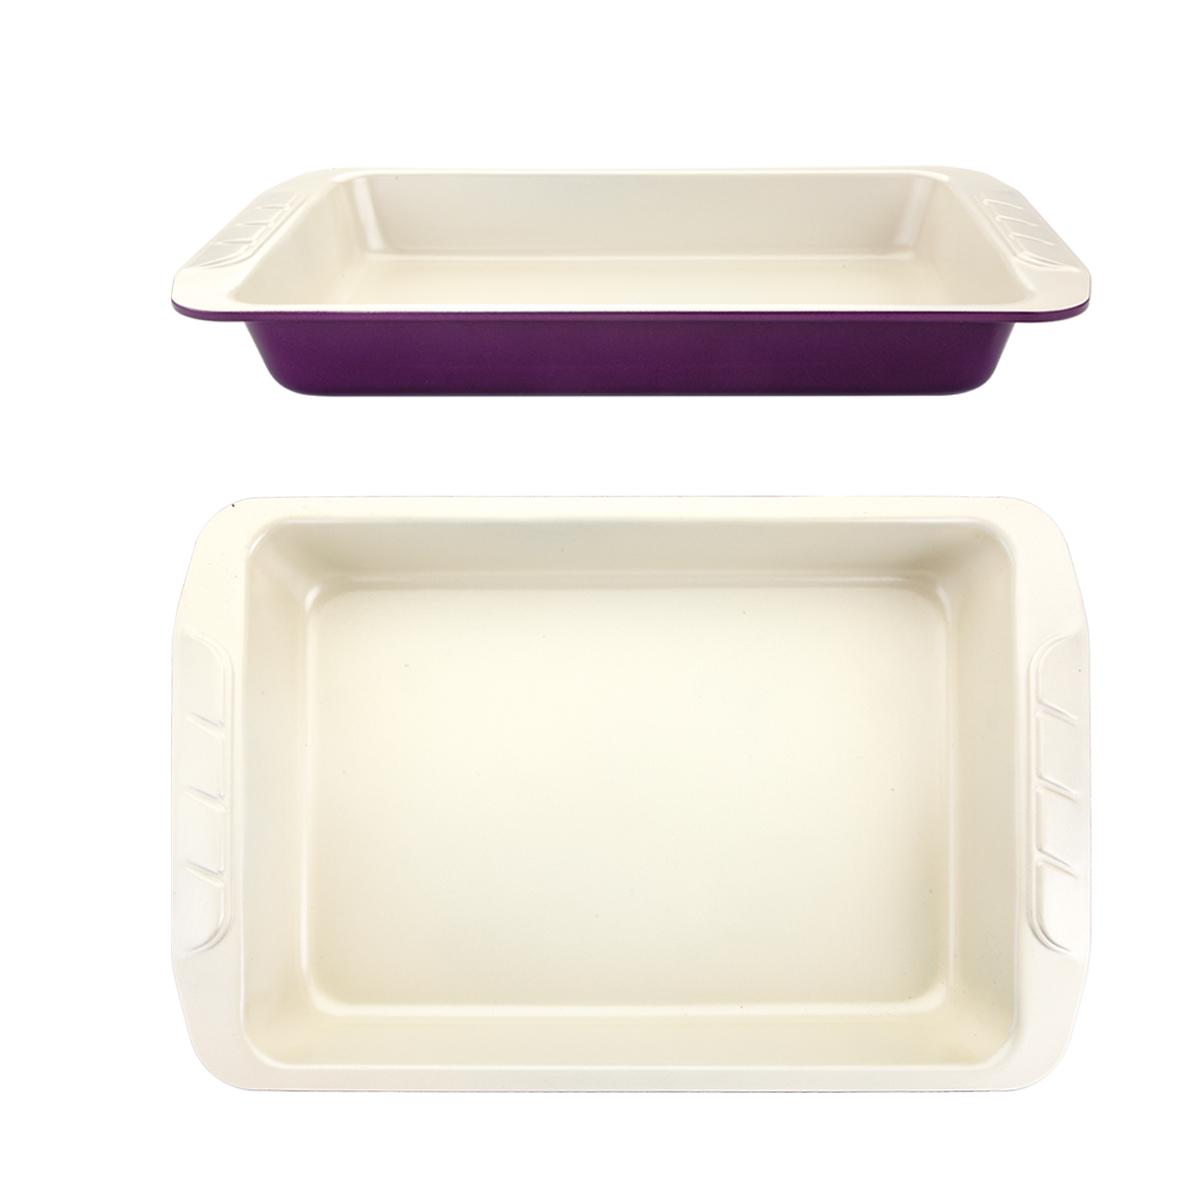 Форма для выпечки Augustin Welz, с керамическим покрытием, цвет: бежевый, фиолетовый, 40 х 25,5 х 5 см2100067165Форма Augustin Welz будет отличным выбором для всех любителей домашней выпечки. Особое высокотехнологичное антипригарное покрытие обеспечивает моментальное снятие выпечки с противня, его легкую очистку после использования. В форме используется углеродистая сталь 0,8 мм с керамическим антипригарным покрытием без содержания политетрафторэтилена и перфтороктановой кислоты.Форма выдерживает температуру от 230°C - 450°C. Подходит для использования в духовке. Можно мыть в посудомоечной машине, не рекомендовано использование абразивных чистящих средств. Использовать только пластиковые, деревянные или силиконовые аксессуары.Для смазывания и присыпки противня следуйте рецепту или инструкции на упаковке полуфабрикатов. Не рекомендуется использовать кулинарные спреи. С такой формой вы всегда сможете порадовать своих близких оригинальной выпечкой.